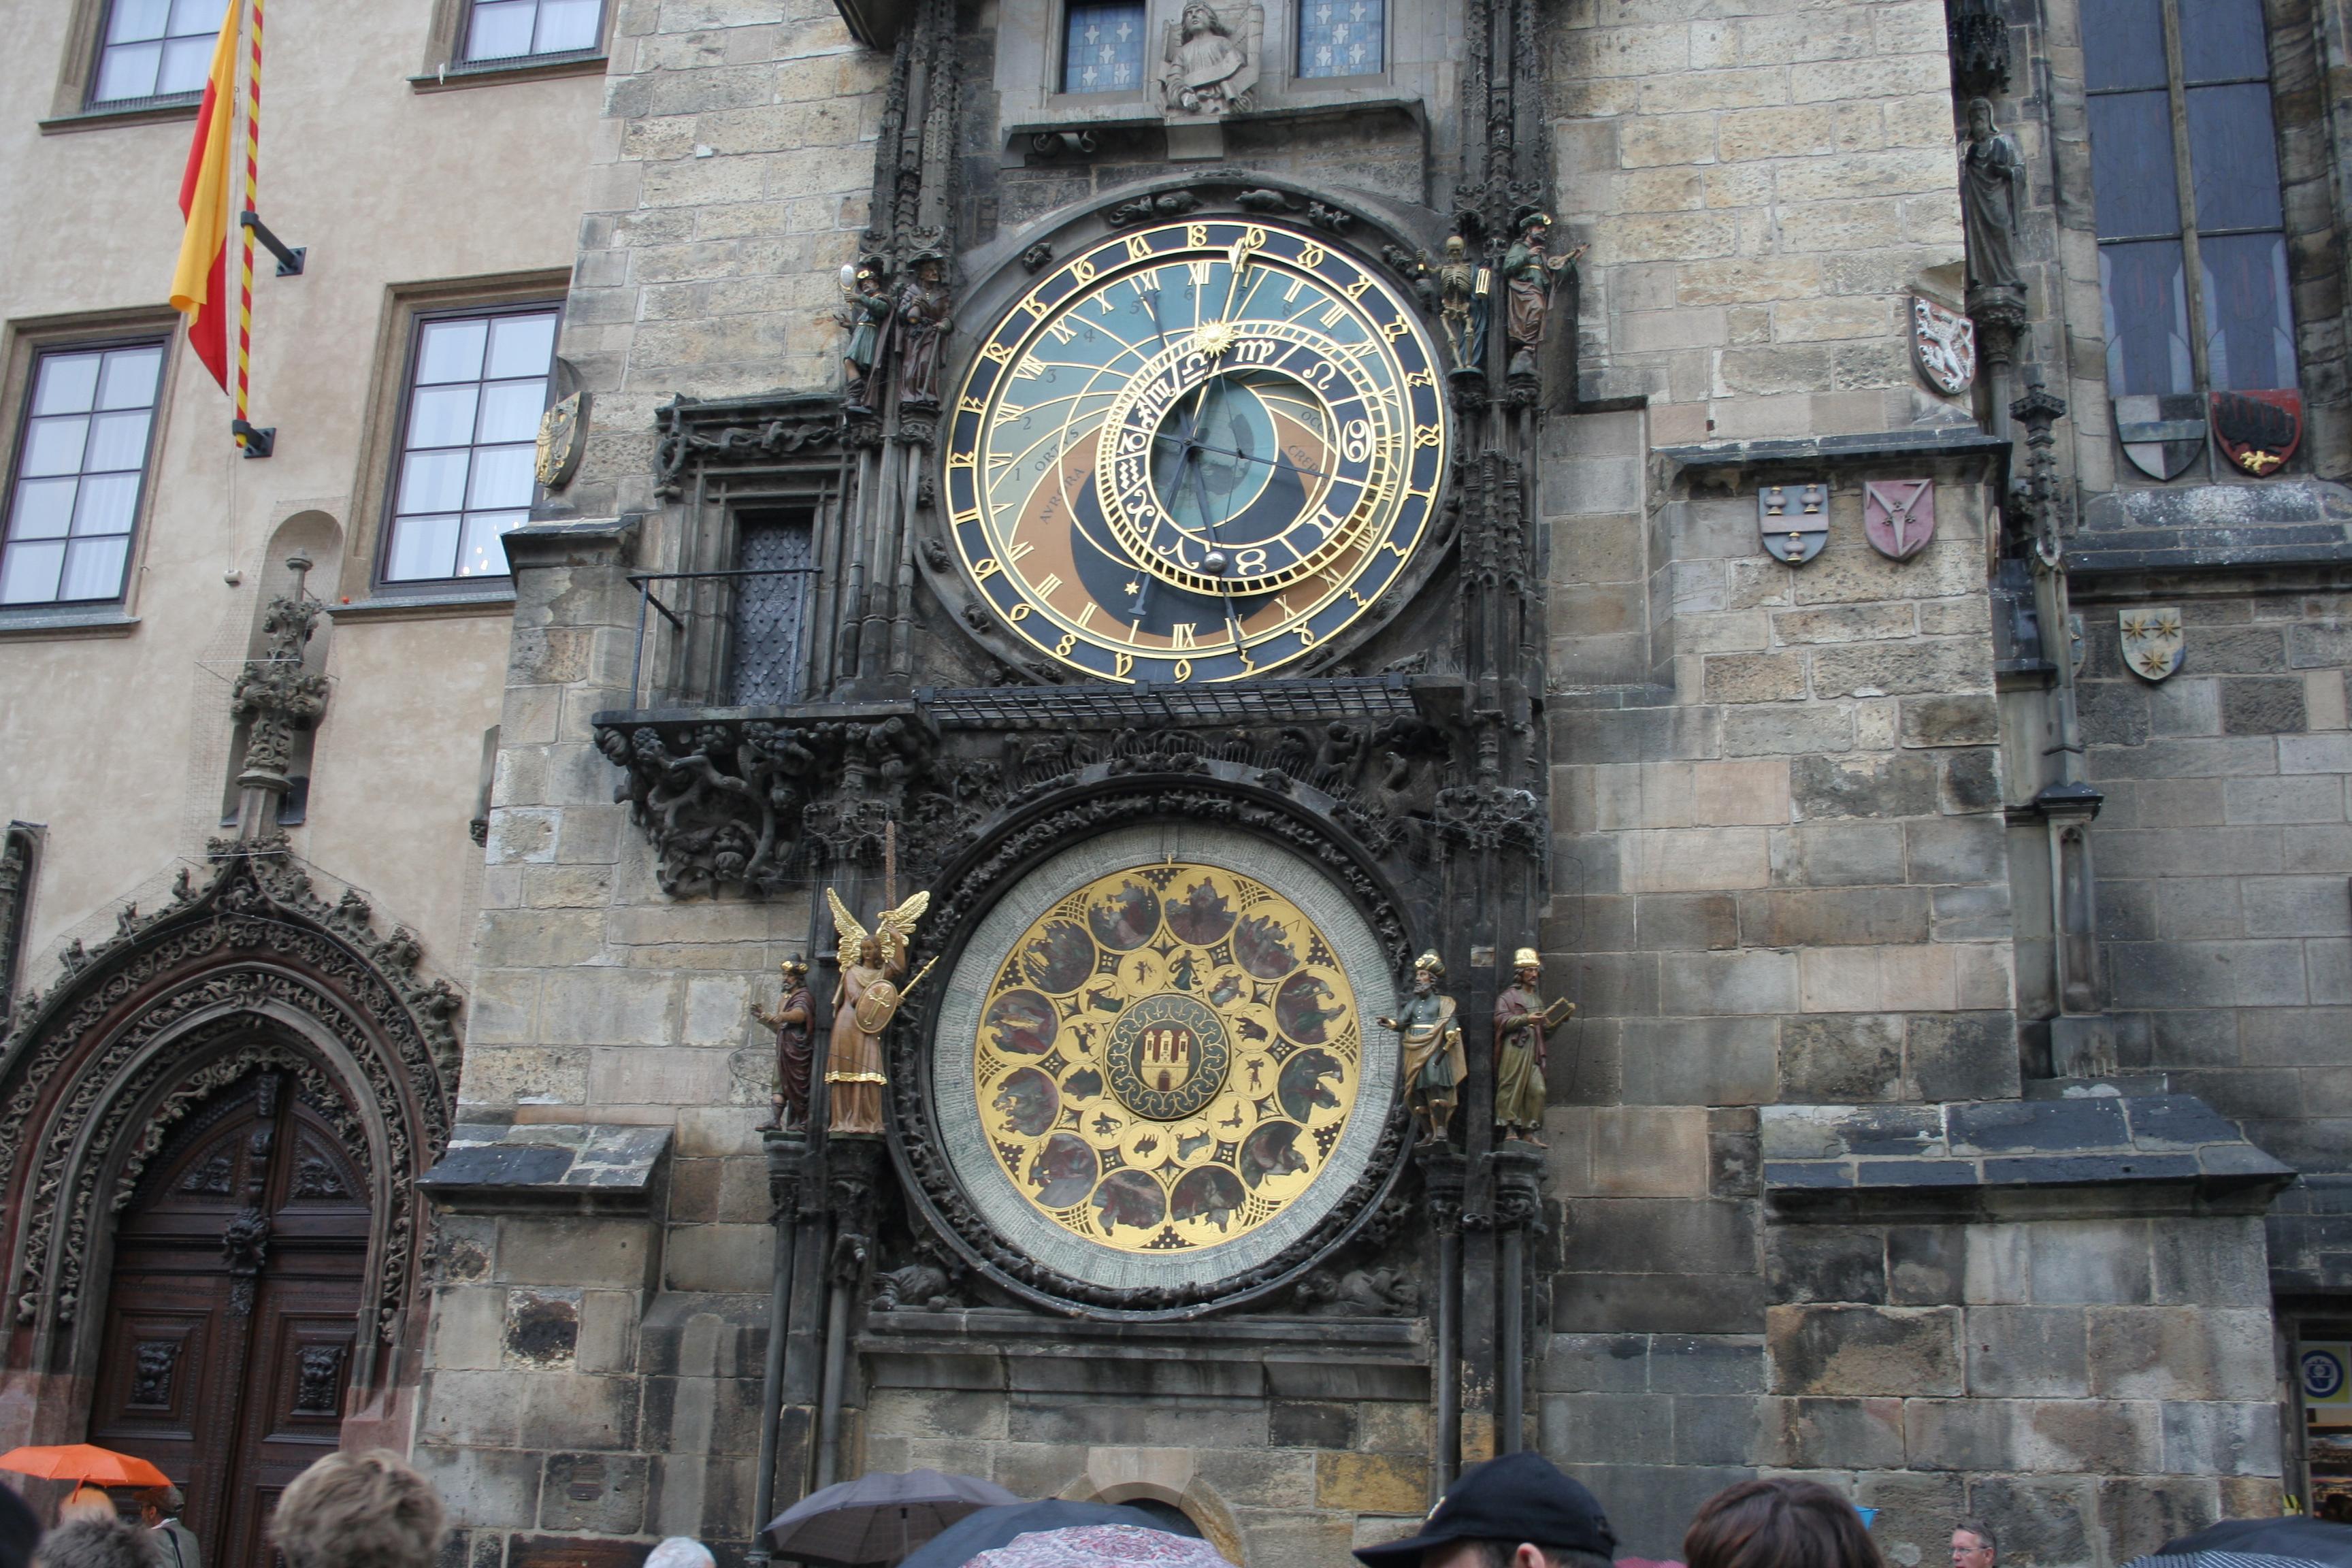 La autoría del reloj se ha atribuido a un viejo maestro relojero de nombre Mikulas.